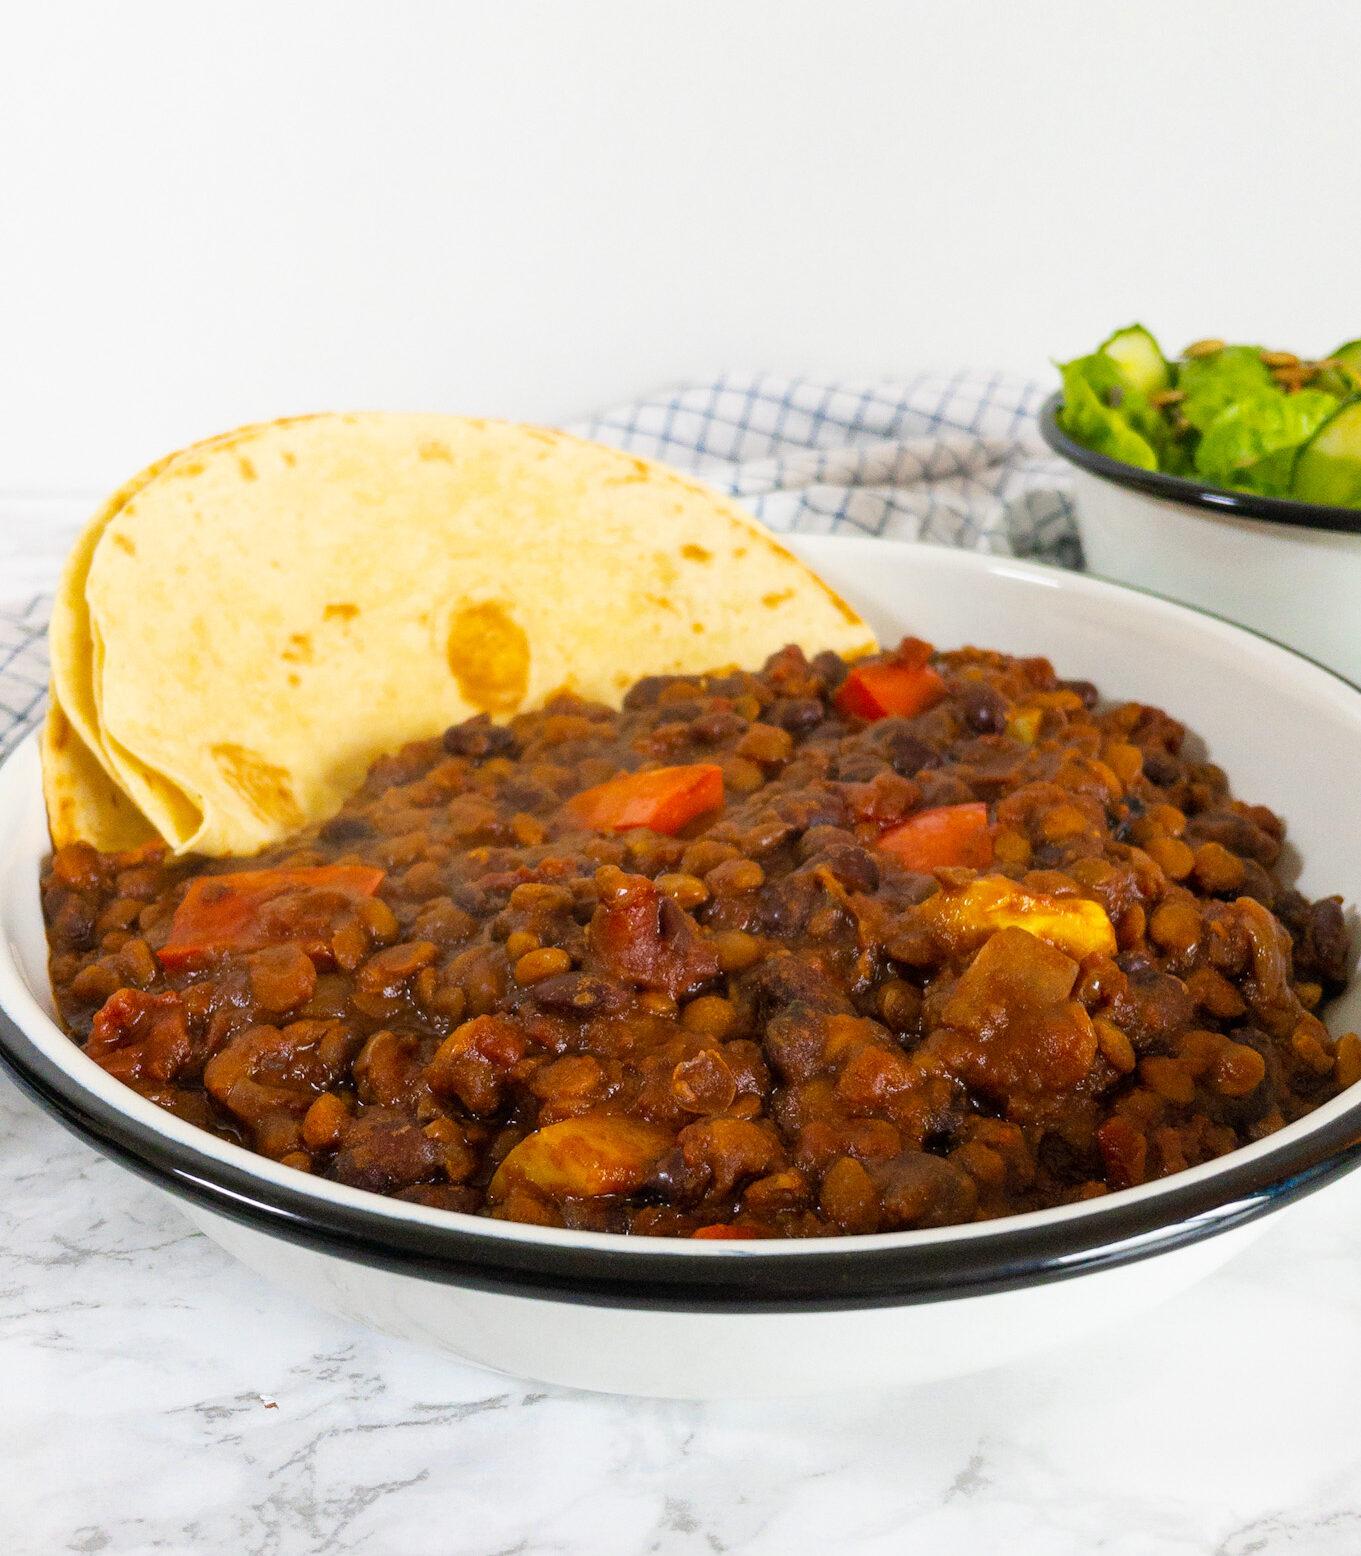 Mexicaans recept Chili sin Carne, je ziet een bord met daarop de chili sin carne. Daarachter staat een bakje met de salade.